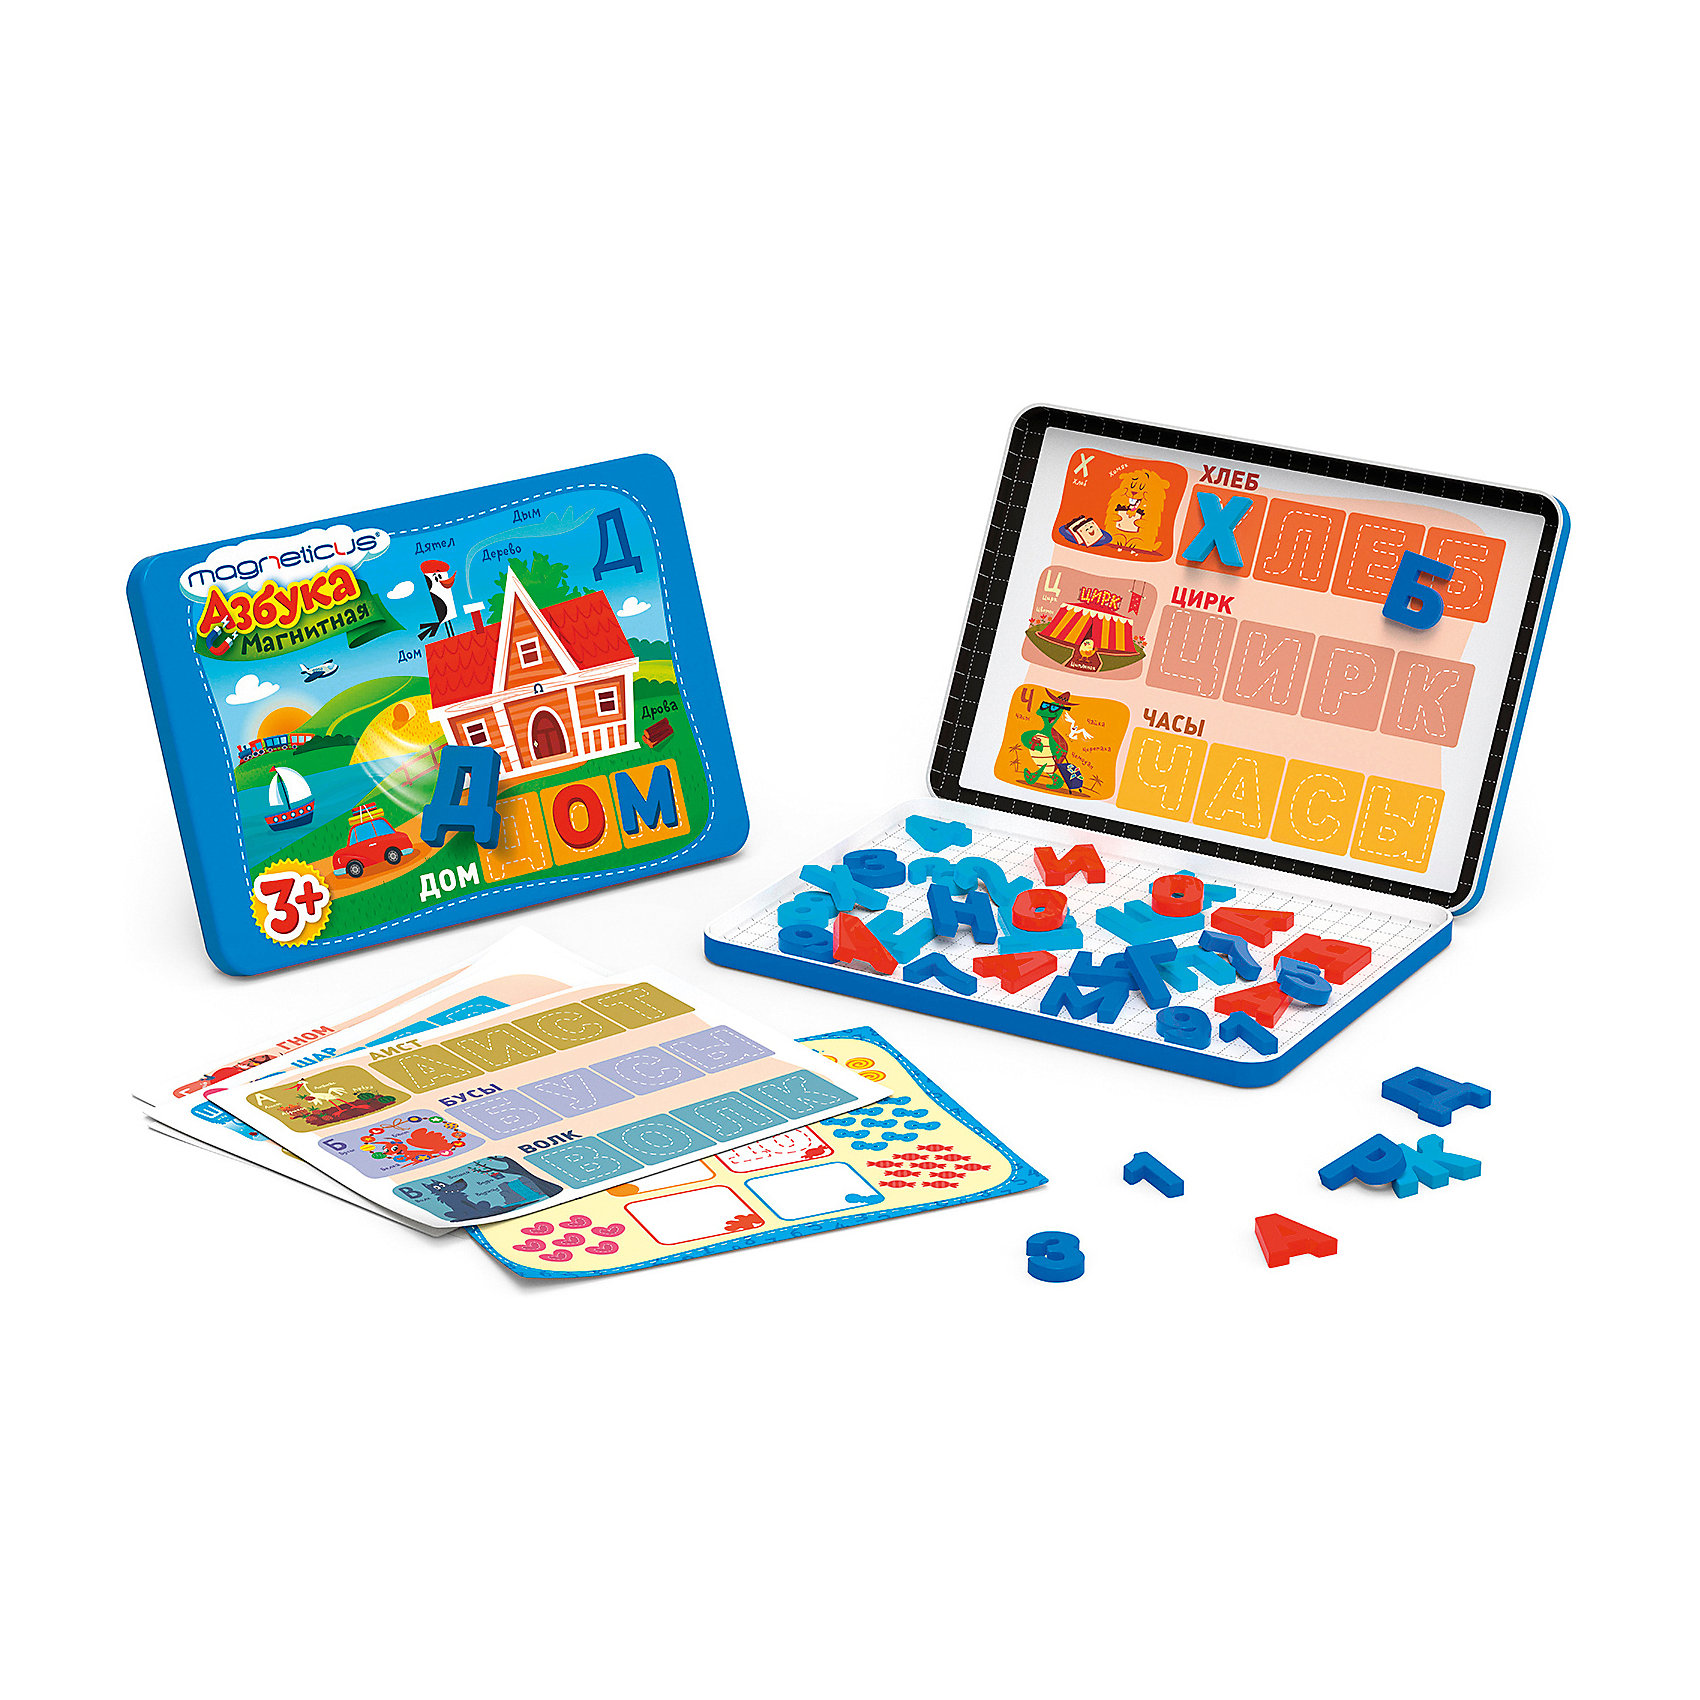 Мозаика магнитная Путешественник: Азбука,  MagneticusМозаика<br>Мозаика магнитная «Путешественник: Азбука», Magneticus (Магнетикус) – мозаика, которую можно брать с собой в путешествия, ведь ей не страшна никакая тряска.<br><br>Мозаика «Путешественник: Азбука» поможет ребенку в игровой форме запомнить все буквы и цифры, научит составлять из букв слова, а также научит считать. С этой мозаикой Вы сможете занять ребенка где угодно - в поезде, машине, самолете. Она не займет много места, а главное – Вашему ребенку не будет скучно!<br><br>Мозаика магнитная «Путешественник: Азбука», Magneticus (Магнетикус) – нужное приобретение, ведь с этой мозаикой ребенок не просто займет себя в дороге, он проведет время с пользой. <br><br>Дополнительная информация:<br><br>- размеры упаковки: 21 х 18 х 1,5 см<br>- включает в себя 67 букв, 23 цифры и 16 знаков<br><br>Мозаичные элементы из безопасного, эластичного, приятного на ощупь полимерного материала на магнитной основе.<br><br>Мозаику магнитную Путешественник: Азбука,  Magneticus можно купить в нашем магазине.<br><br>Ширина мм: 210<br>Глубина мм: 185<br>Высота мм: 15<br>Вес г: 300<br>Возраст от месяцев: 36<br>Возраст до месяцев: 72<br>Пол: Унисекс<br>Возраст: Детский<br>SKU: 3574587